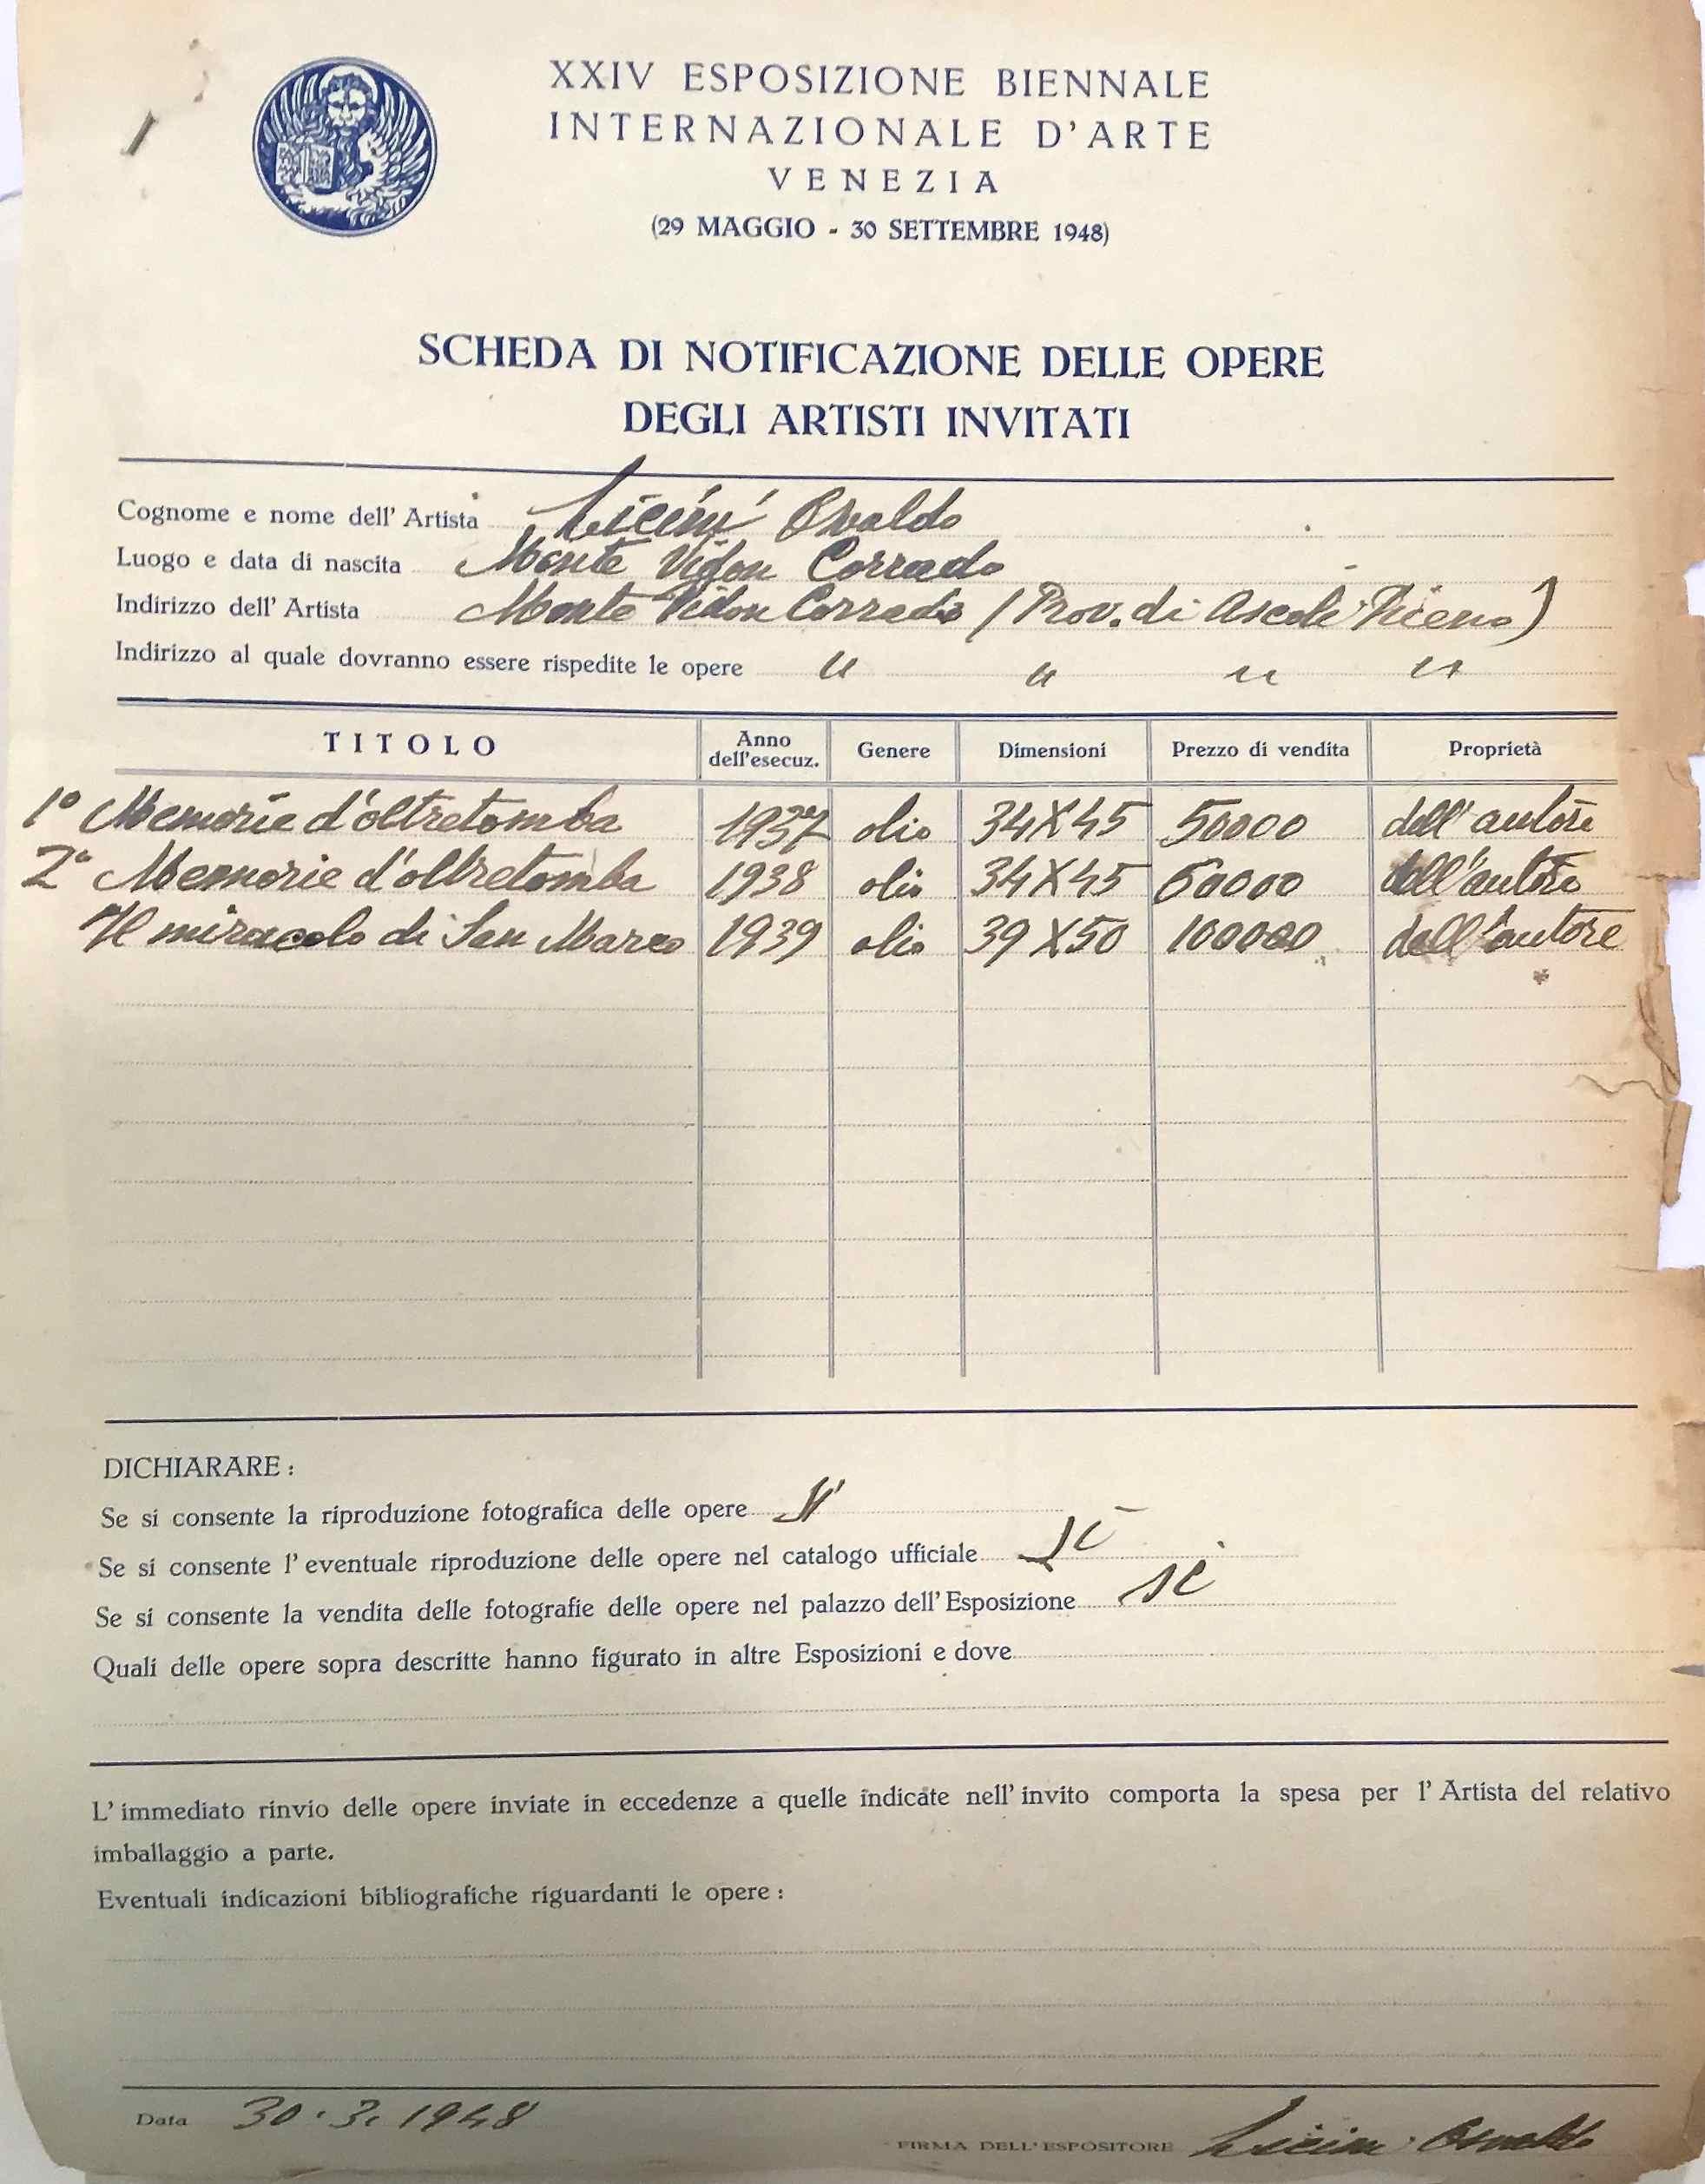 Scheda Biennale 1948